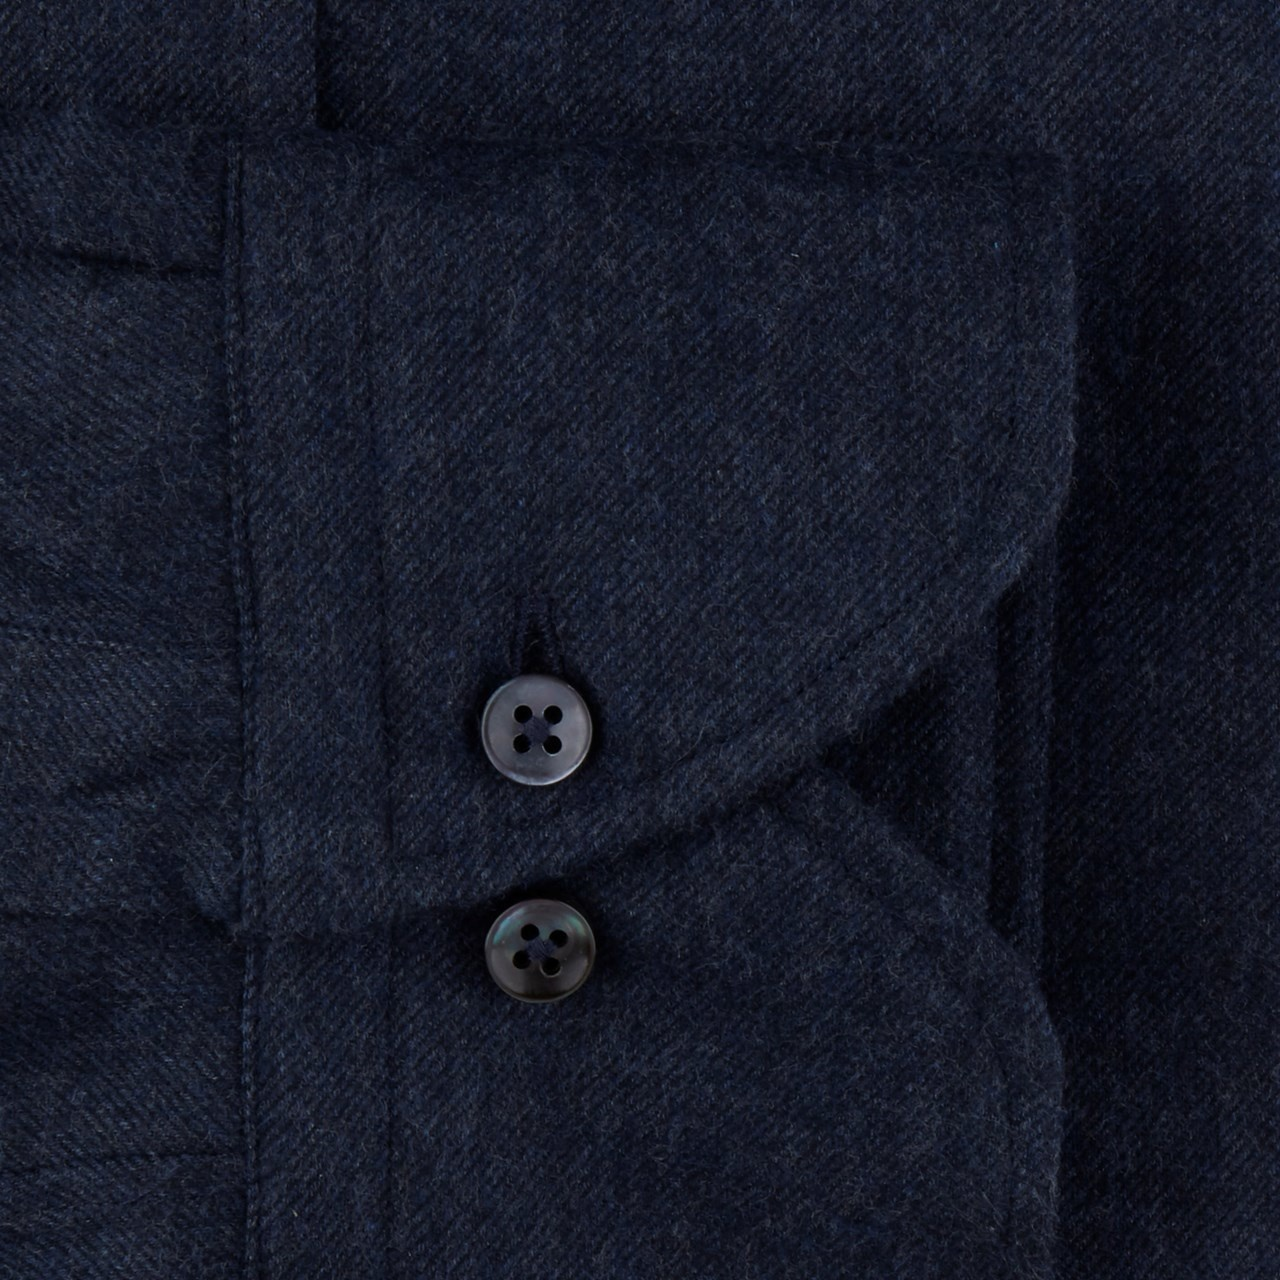 Stenstroms Luxury Flannel Shirt - Navy